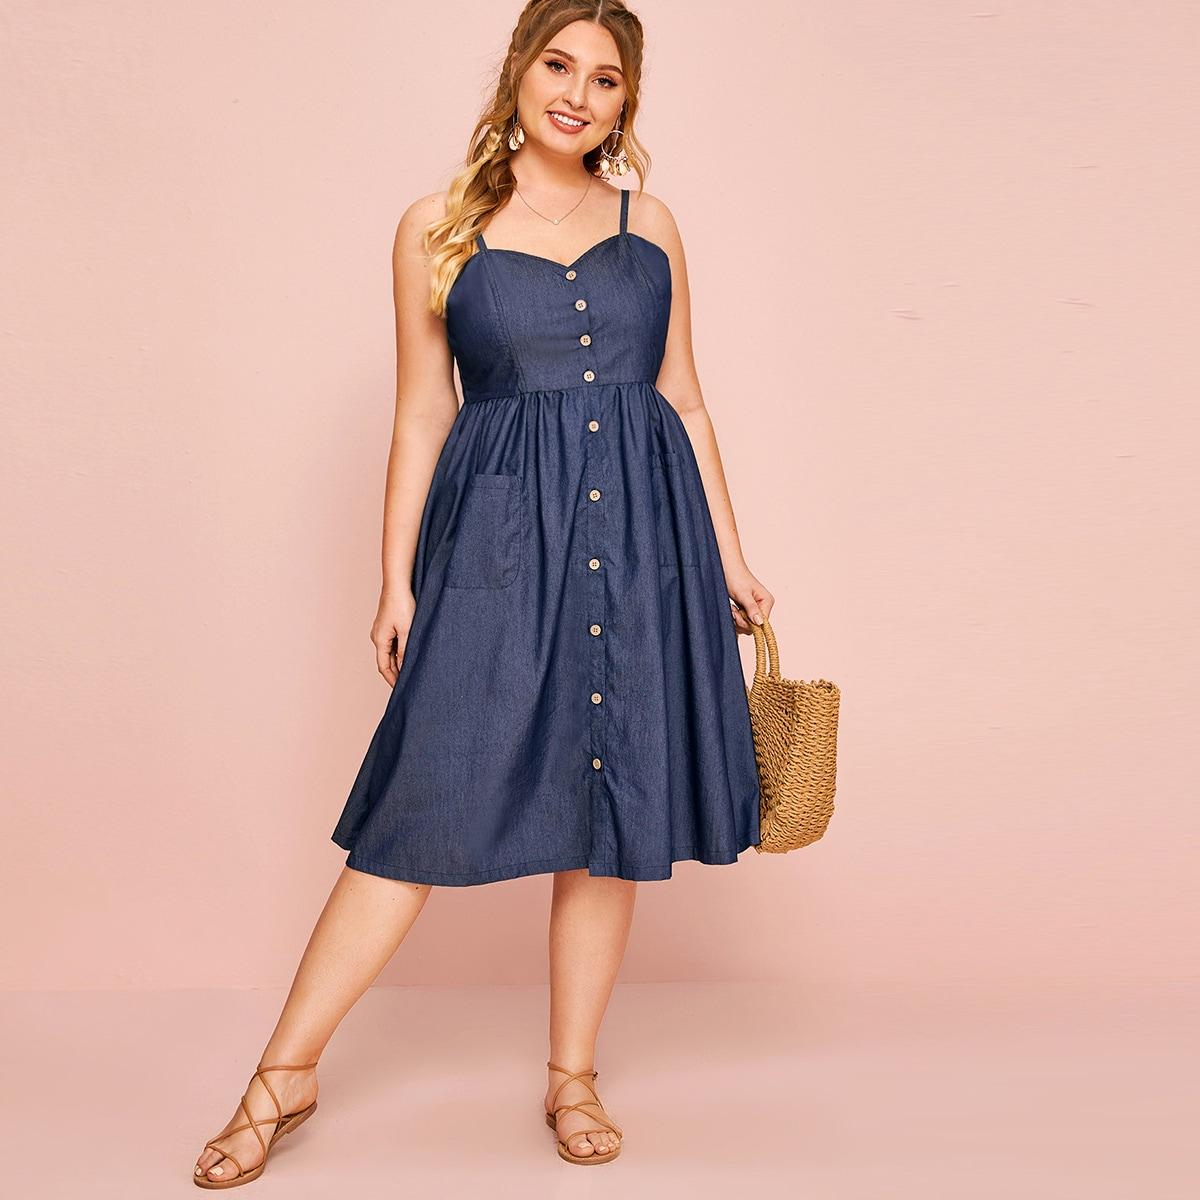 Джинсовое платье с пуговицами размера плюс фото